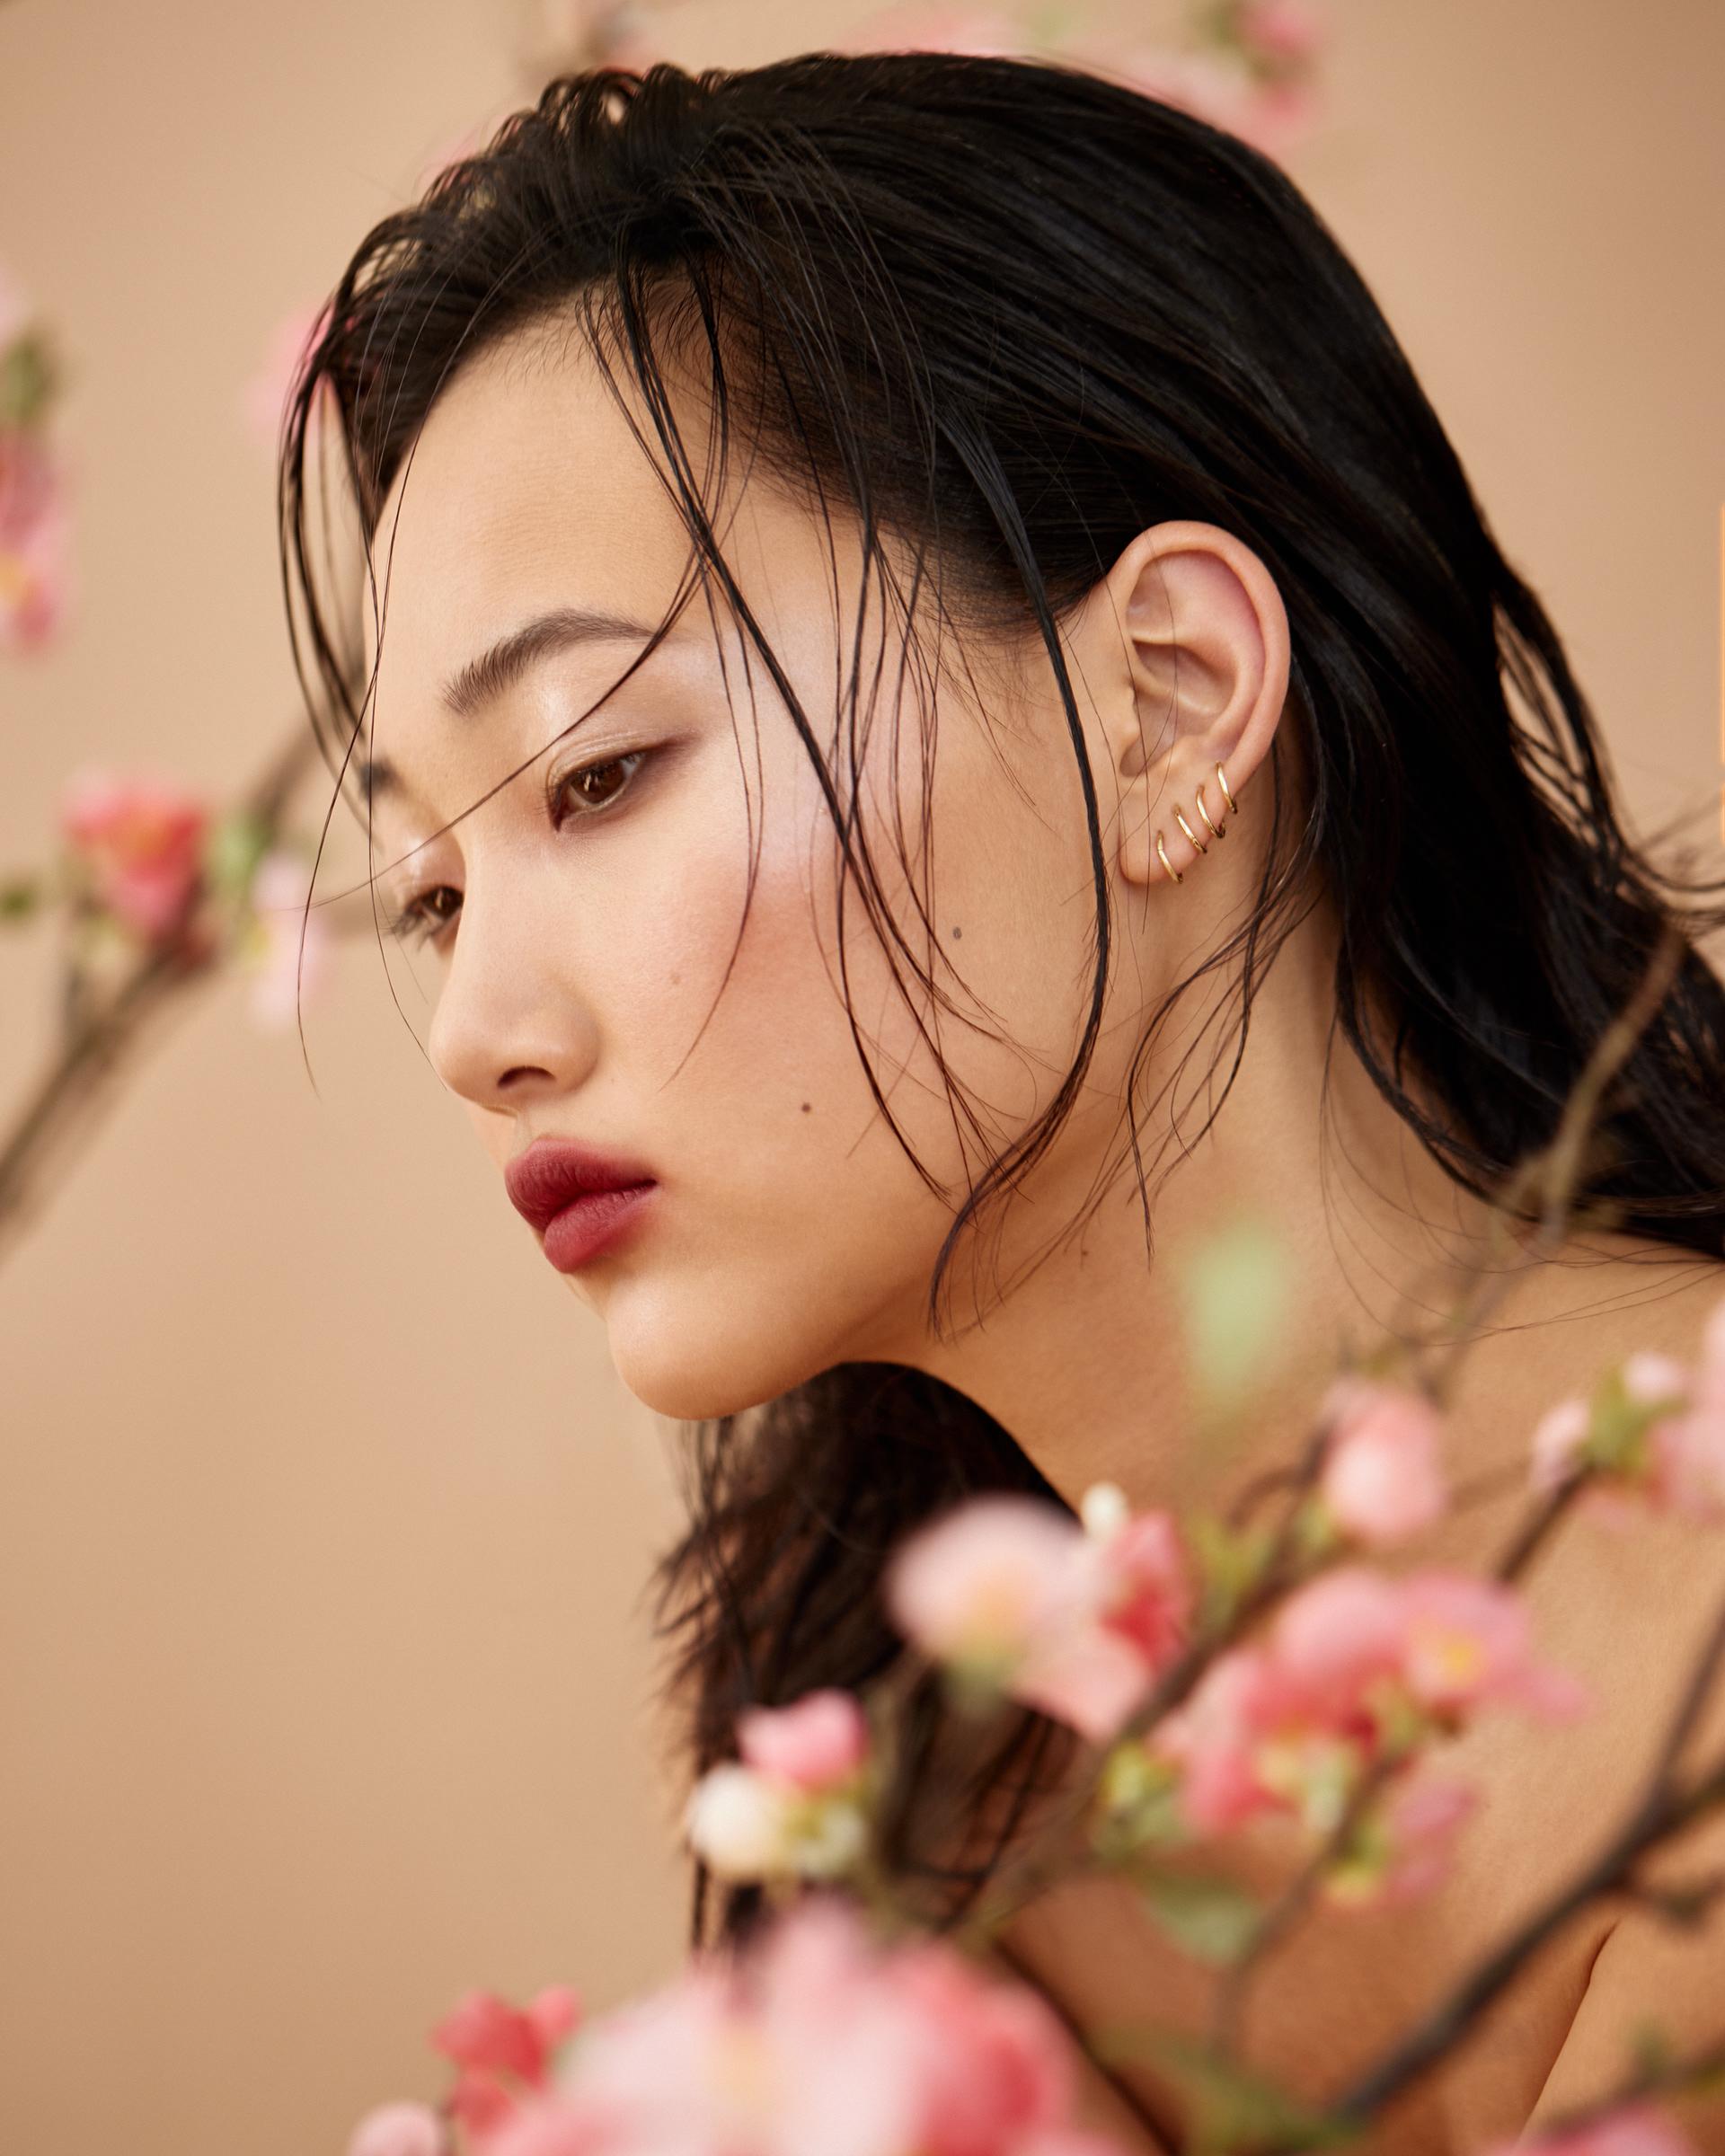 Beauty Hot Flowers